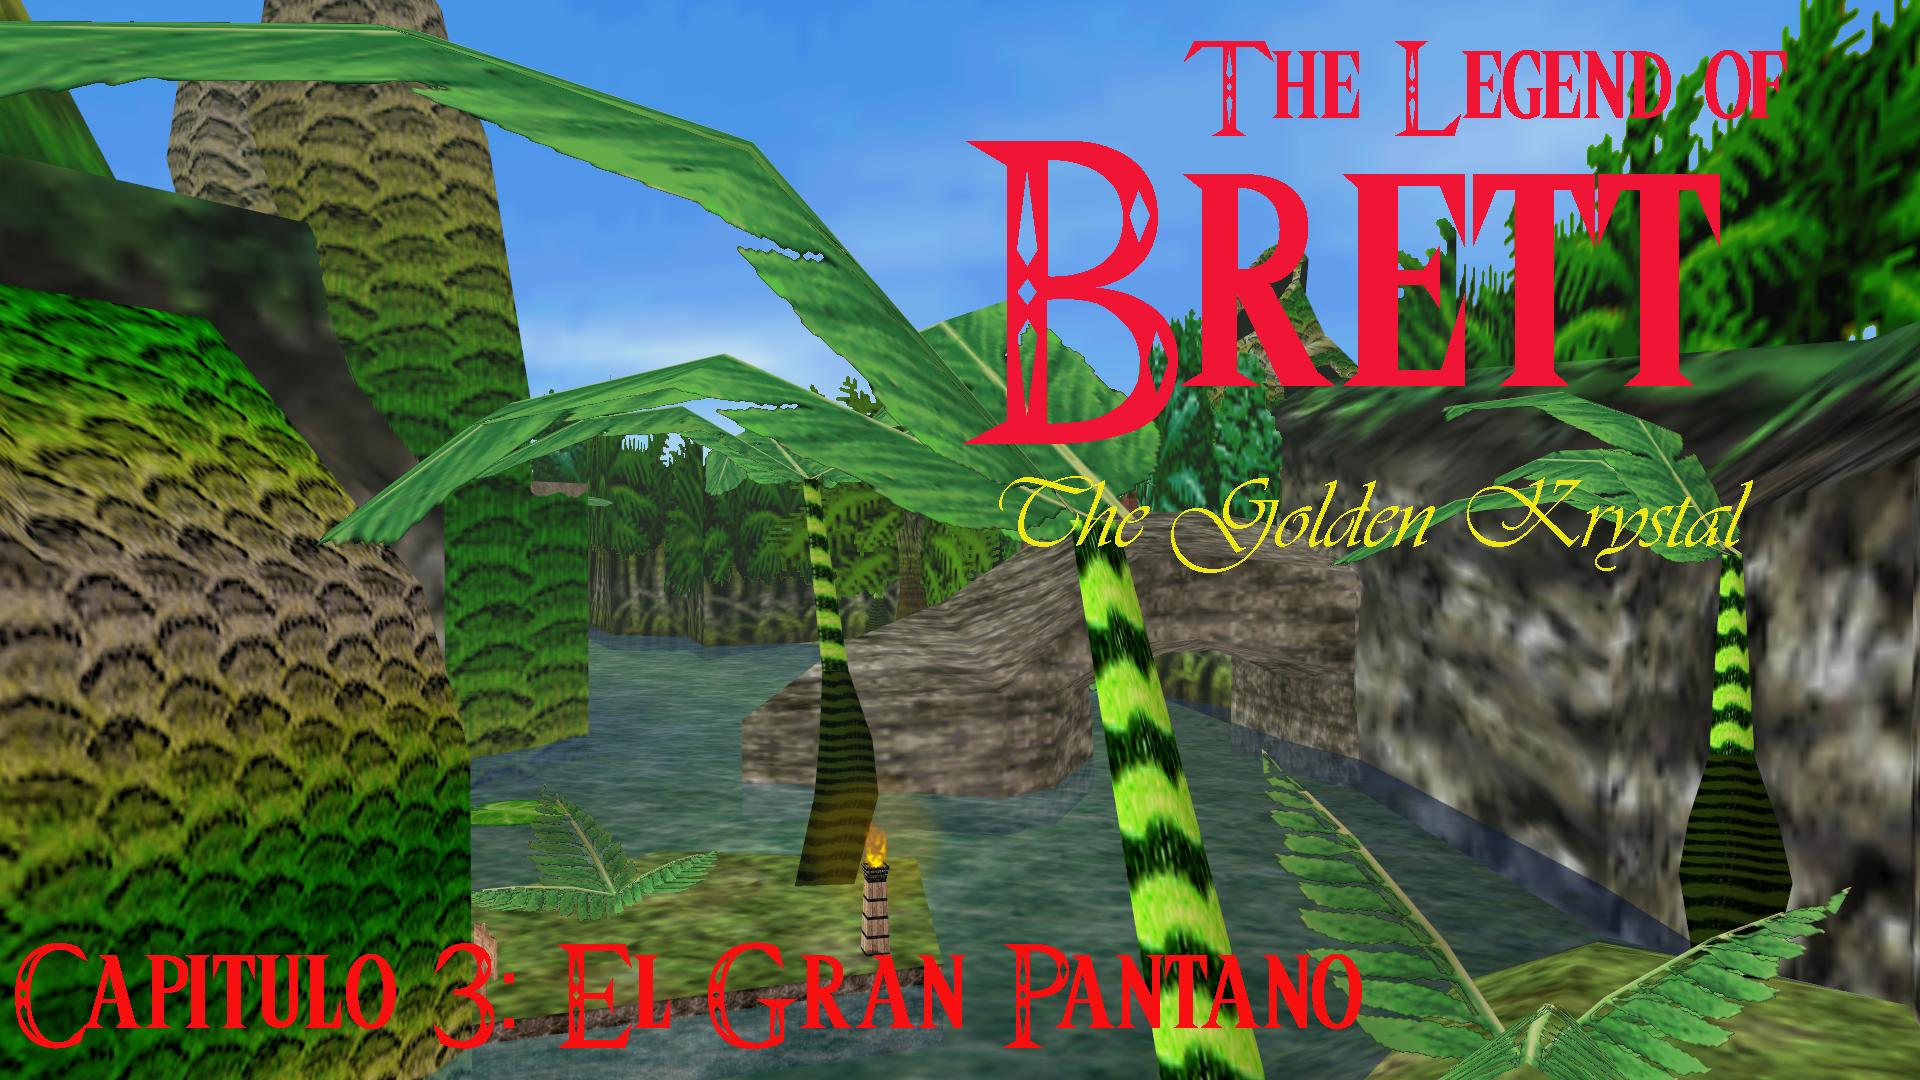 AnewLegend/The Legend of Brett: The Golden Krystal/Capítulo 3/El Gran Pantano